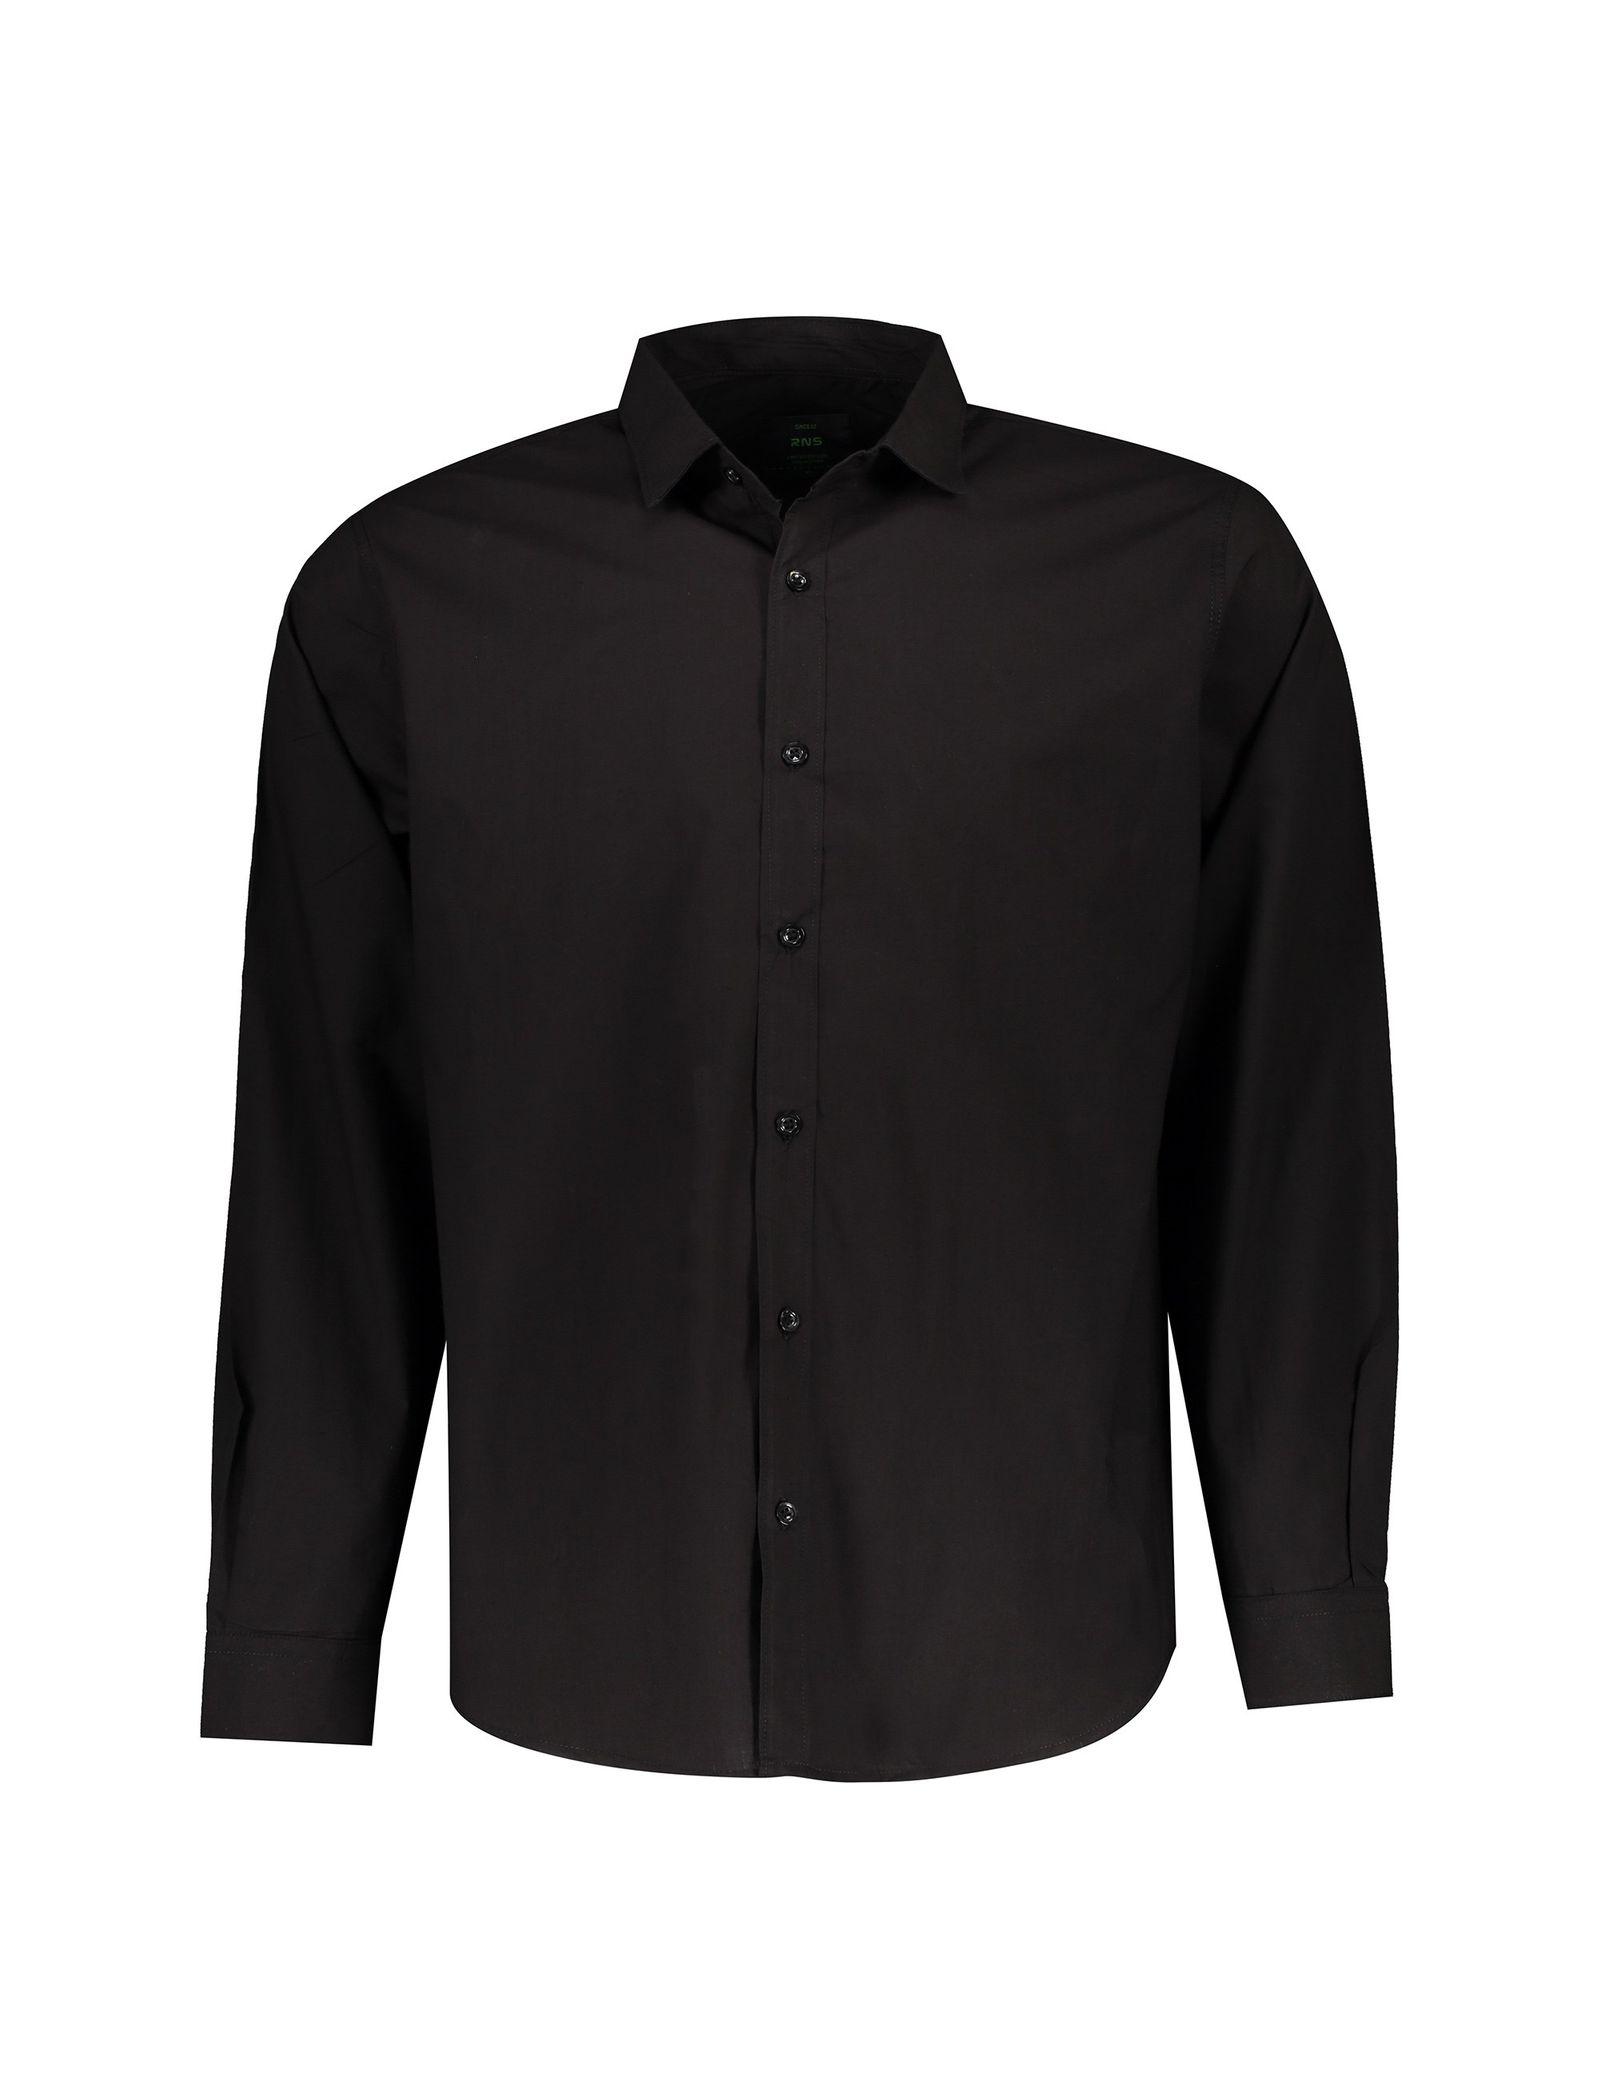 پیراهن نخی آستین بلند مردانه - آر اِن اِس - مشکي - 1